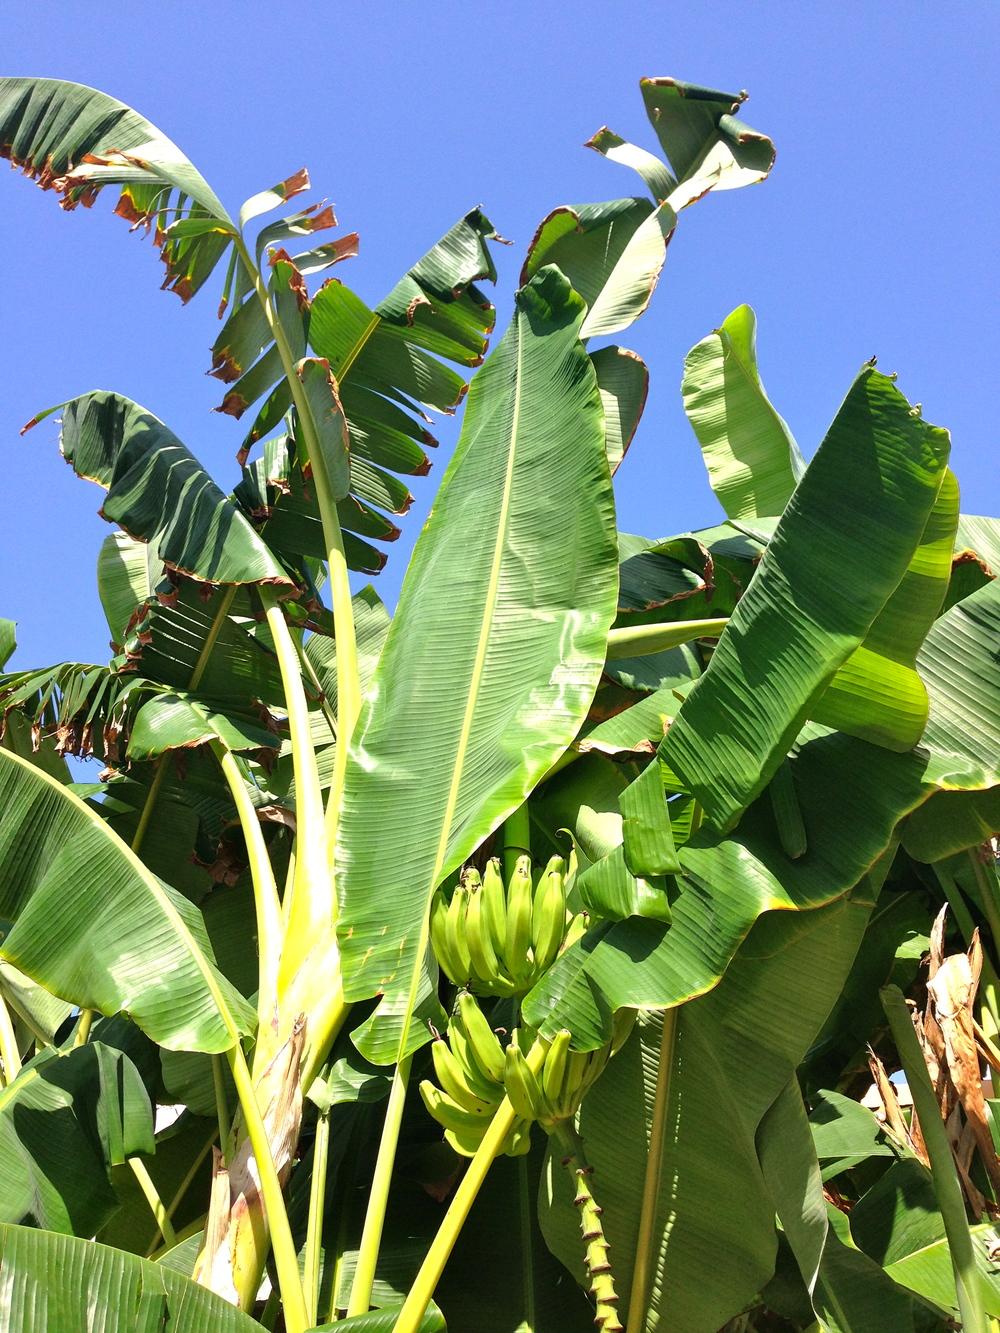 Banana tree!